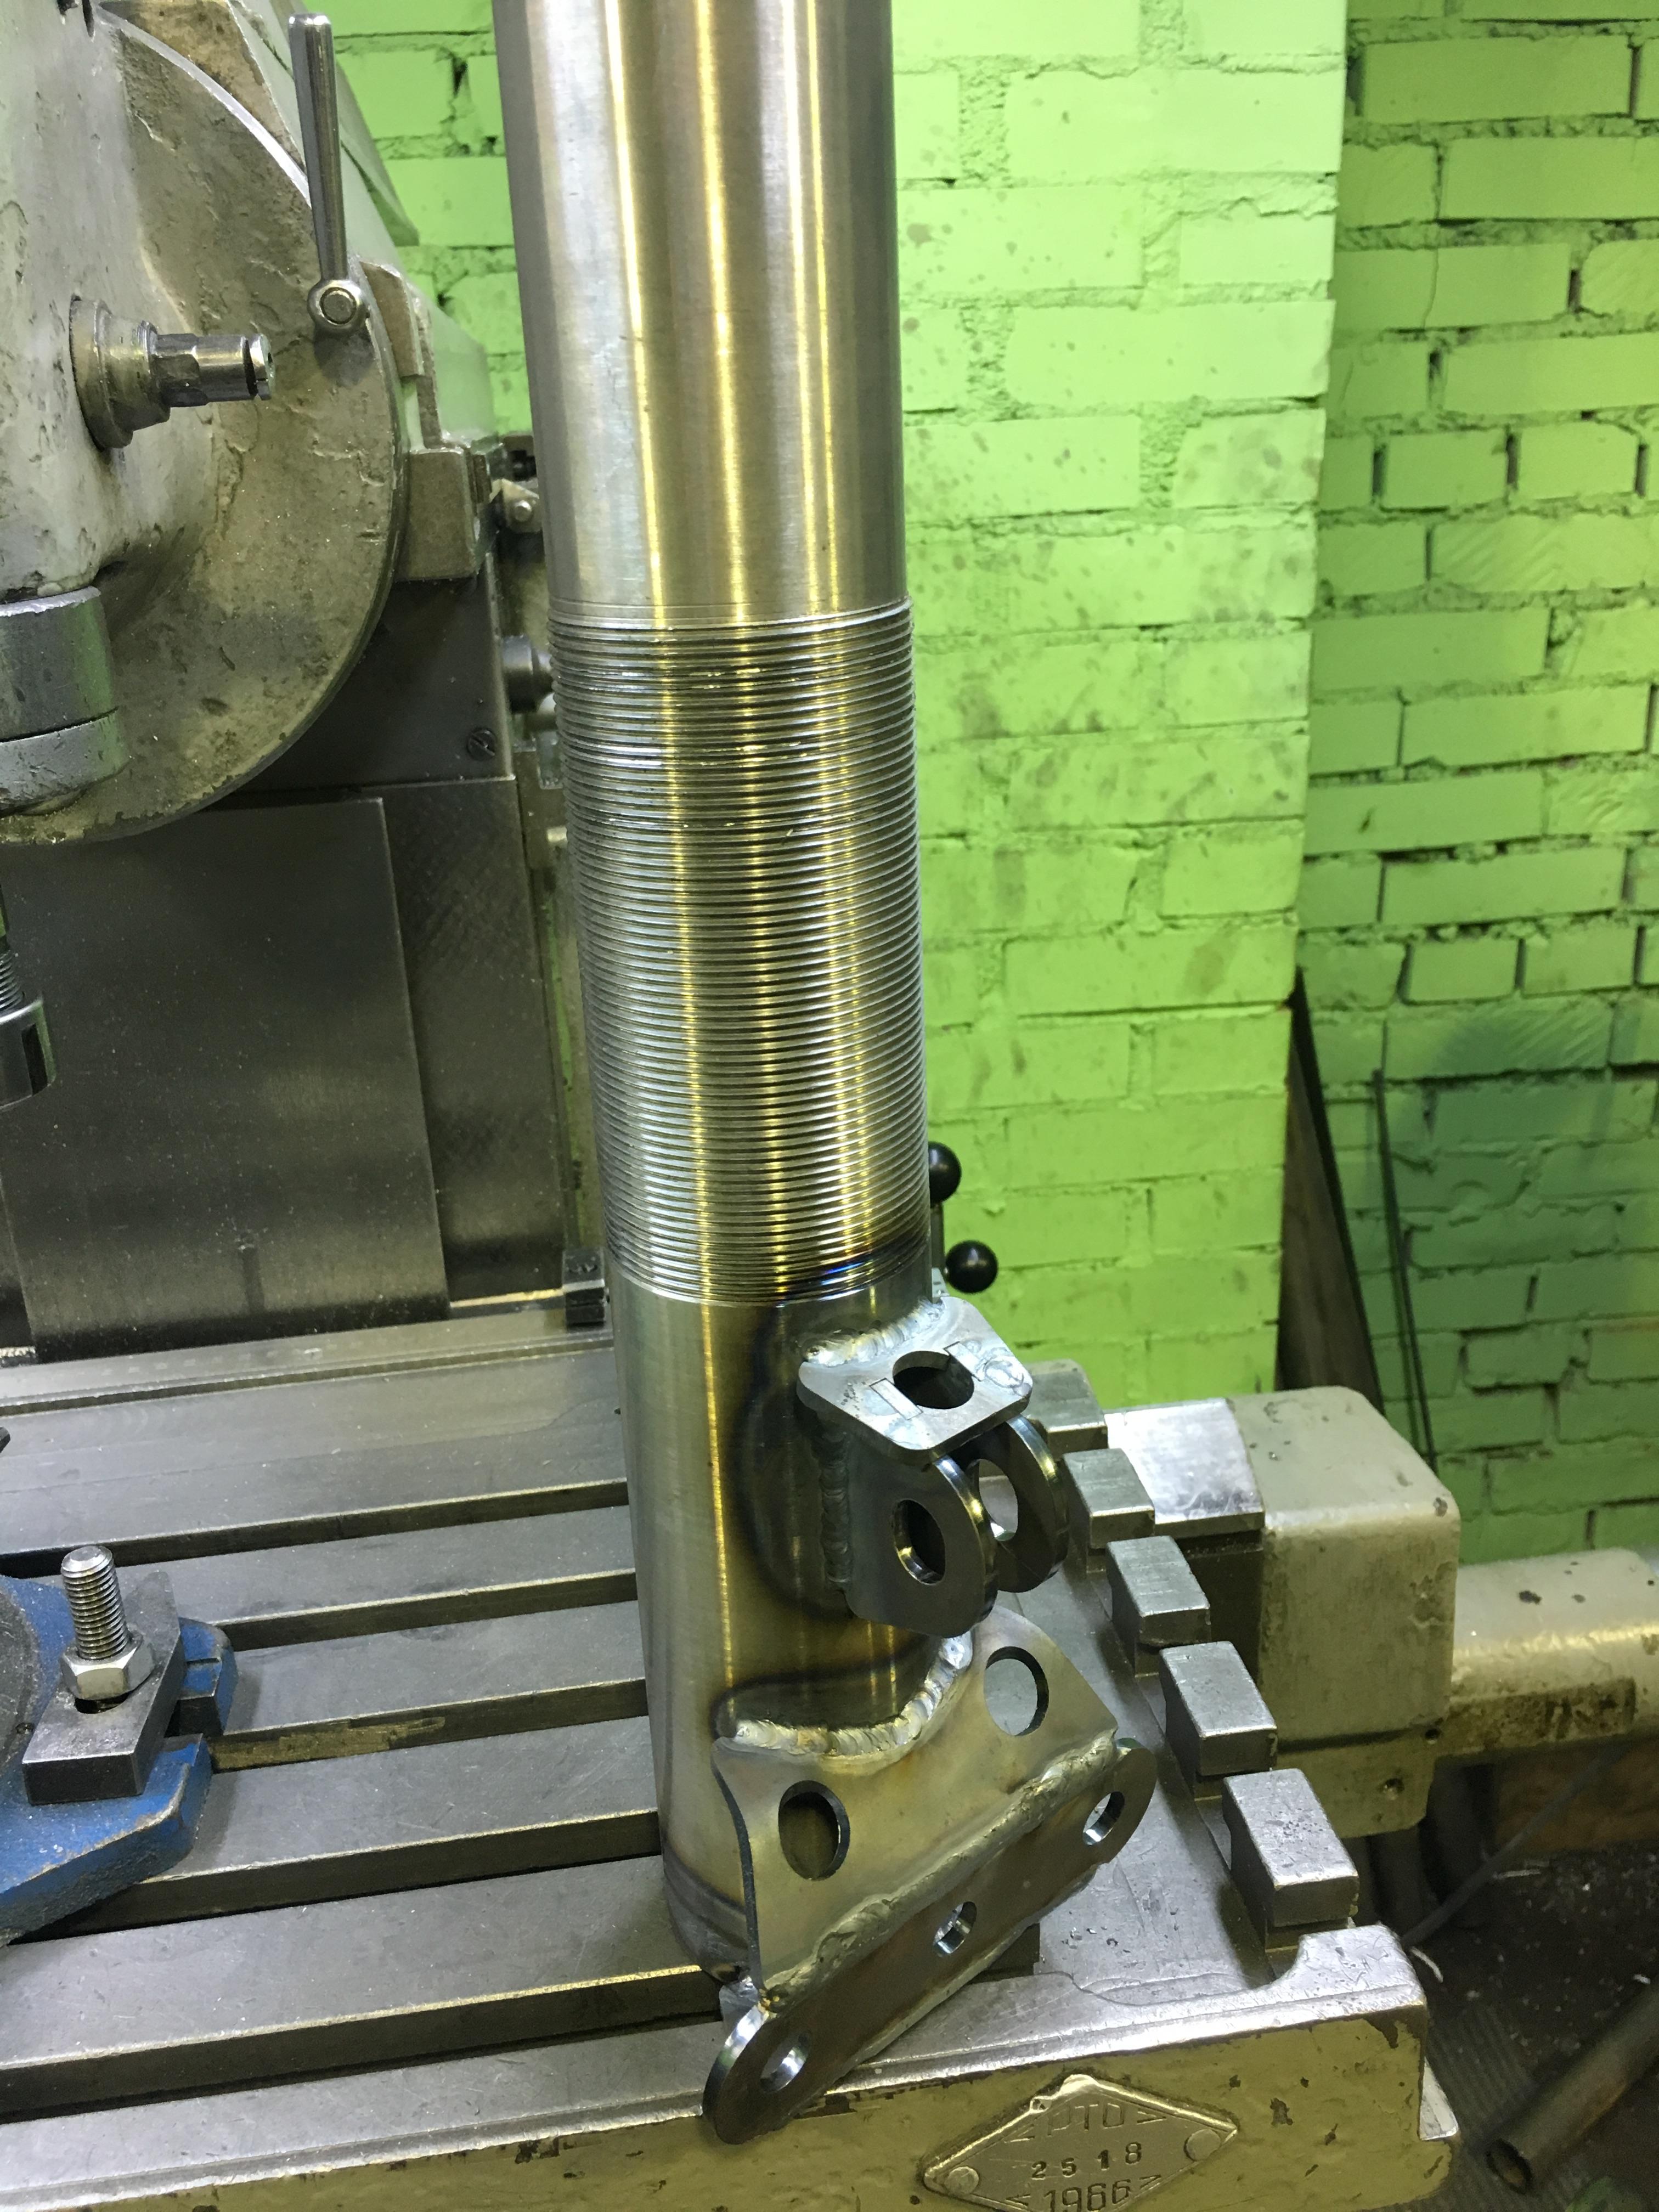 Корпус амортизатора после сварки попадает в гальванику, где покрывается цинком.